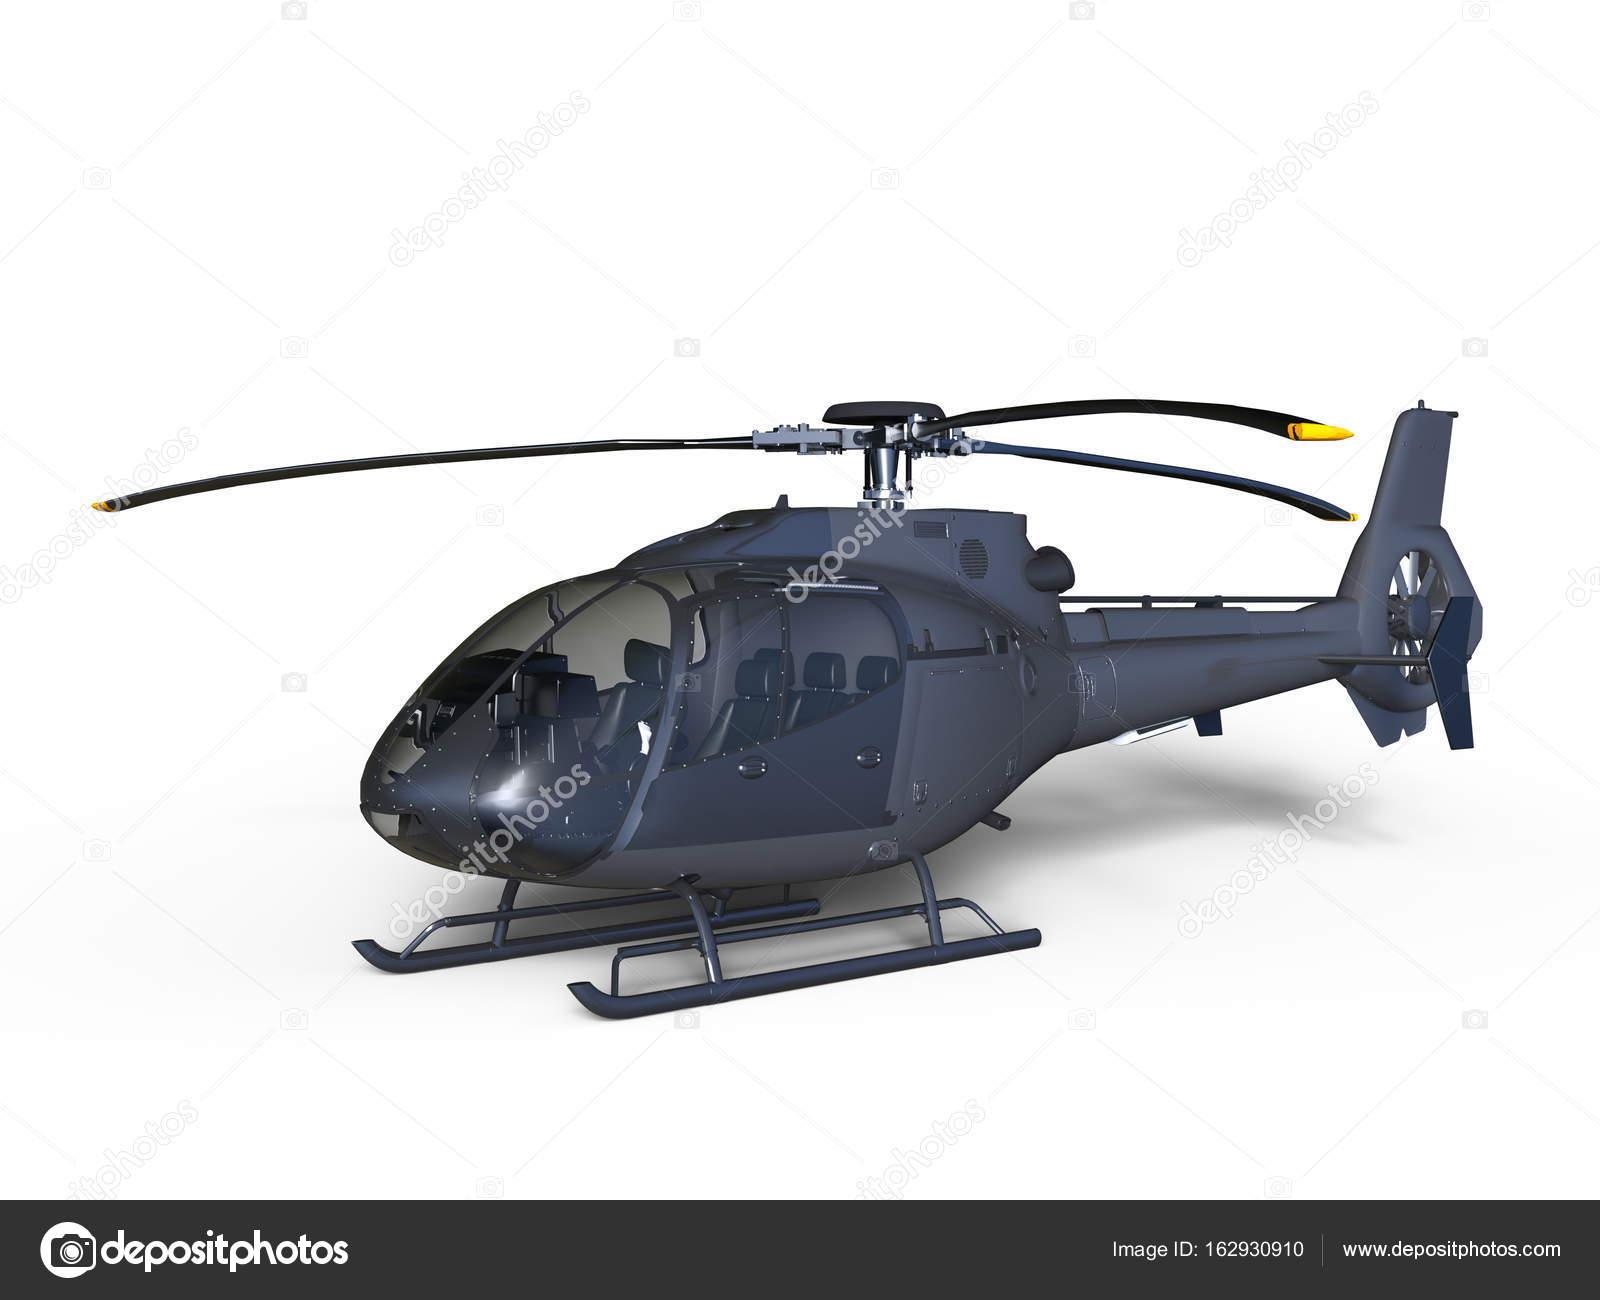 Elicottero 3d Model : Visualizzazione d lowpoly modello di elicottero hughes oh